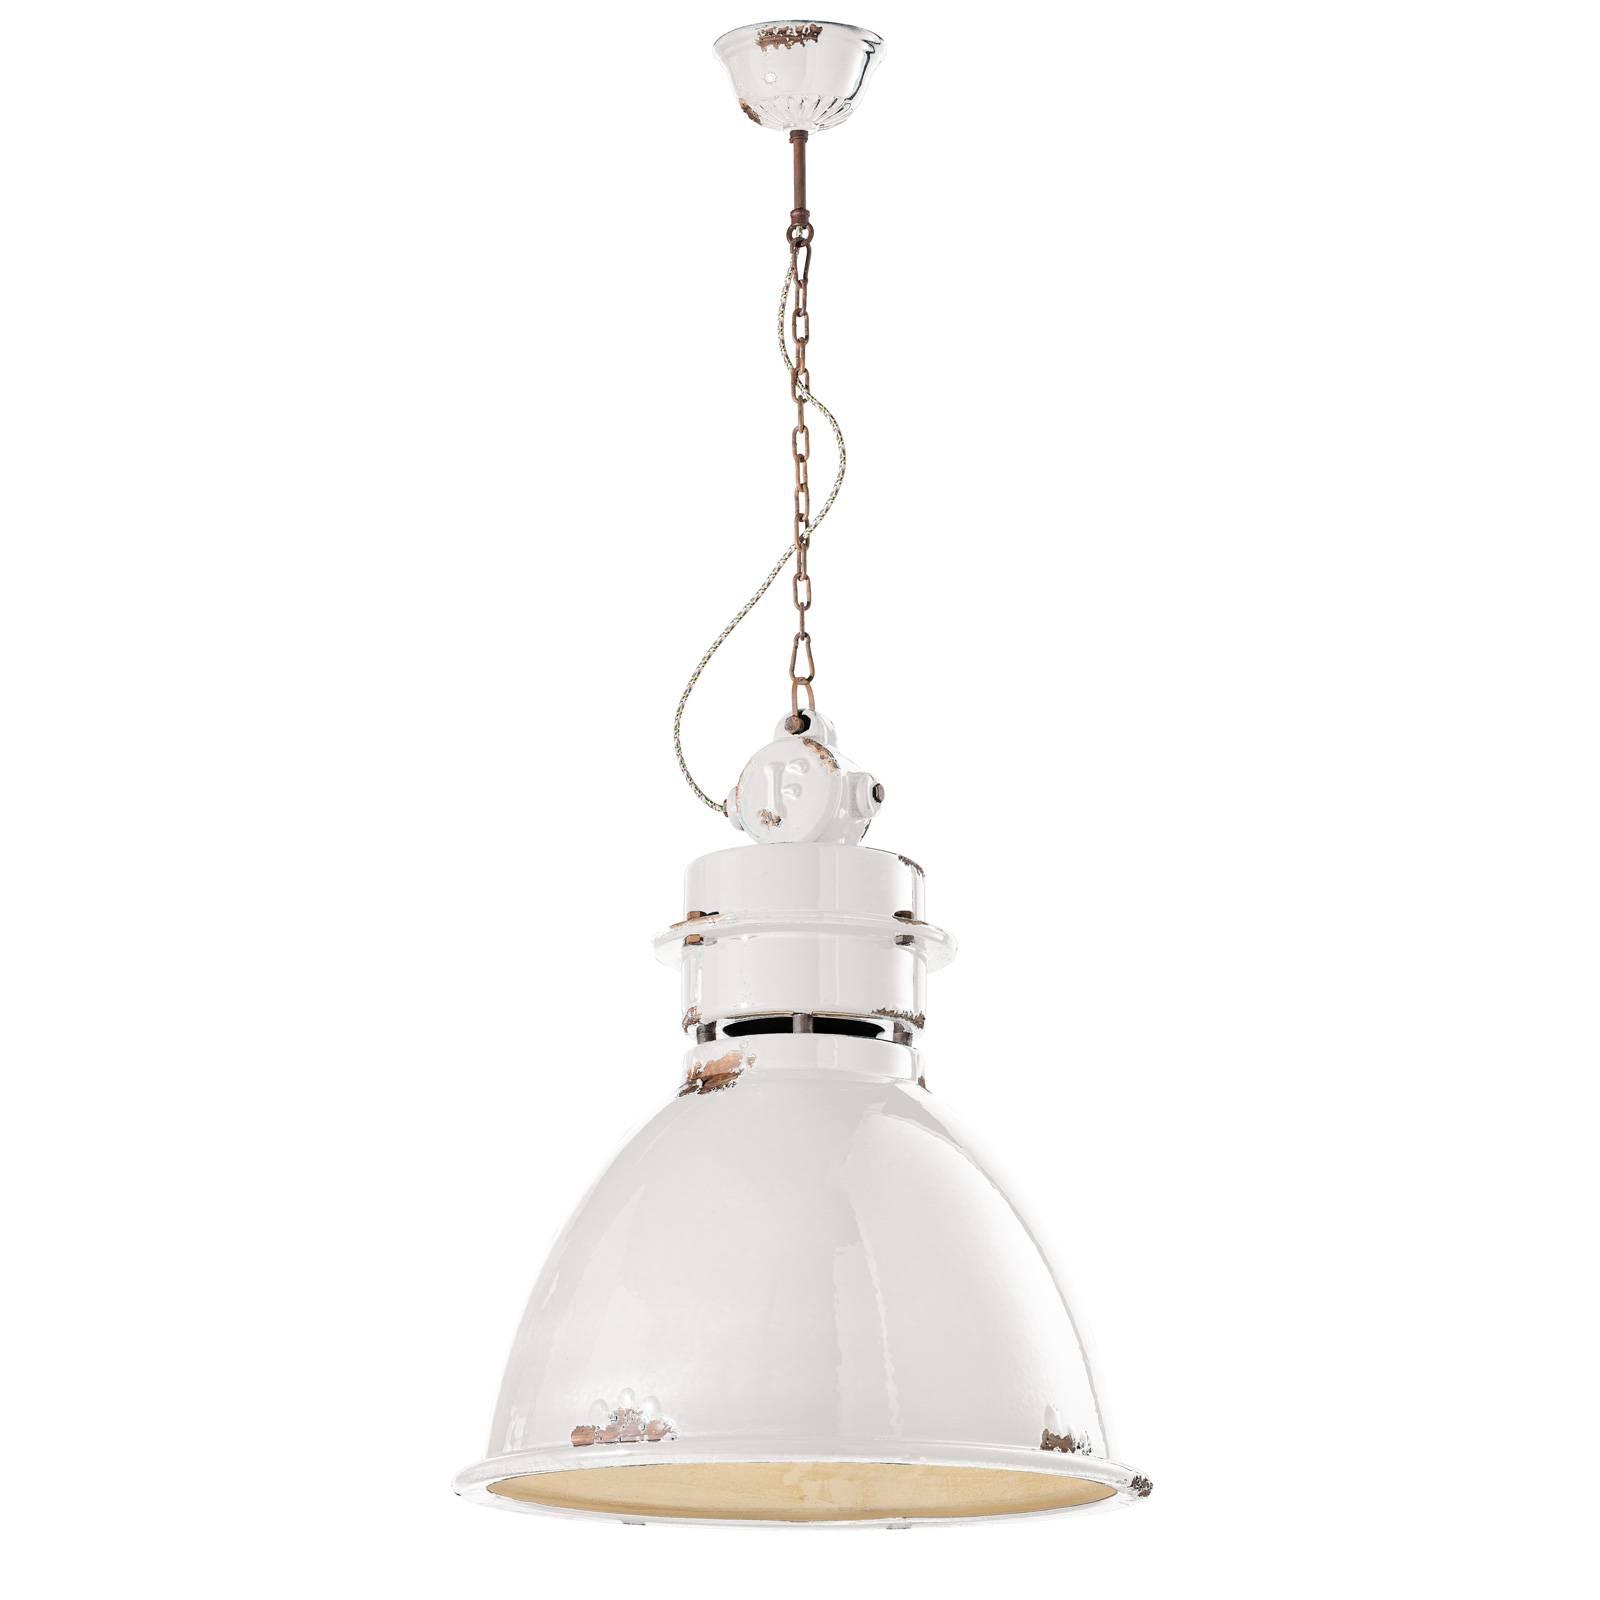 Hanglamp C1750 met keramische kap, wit